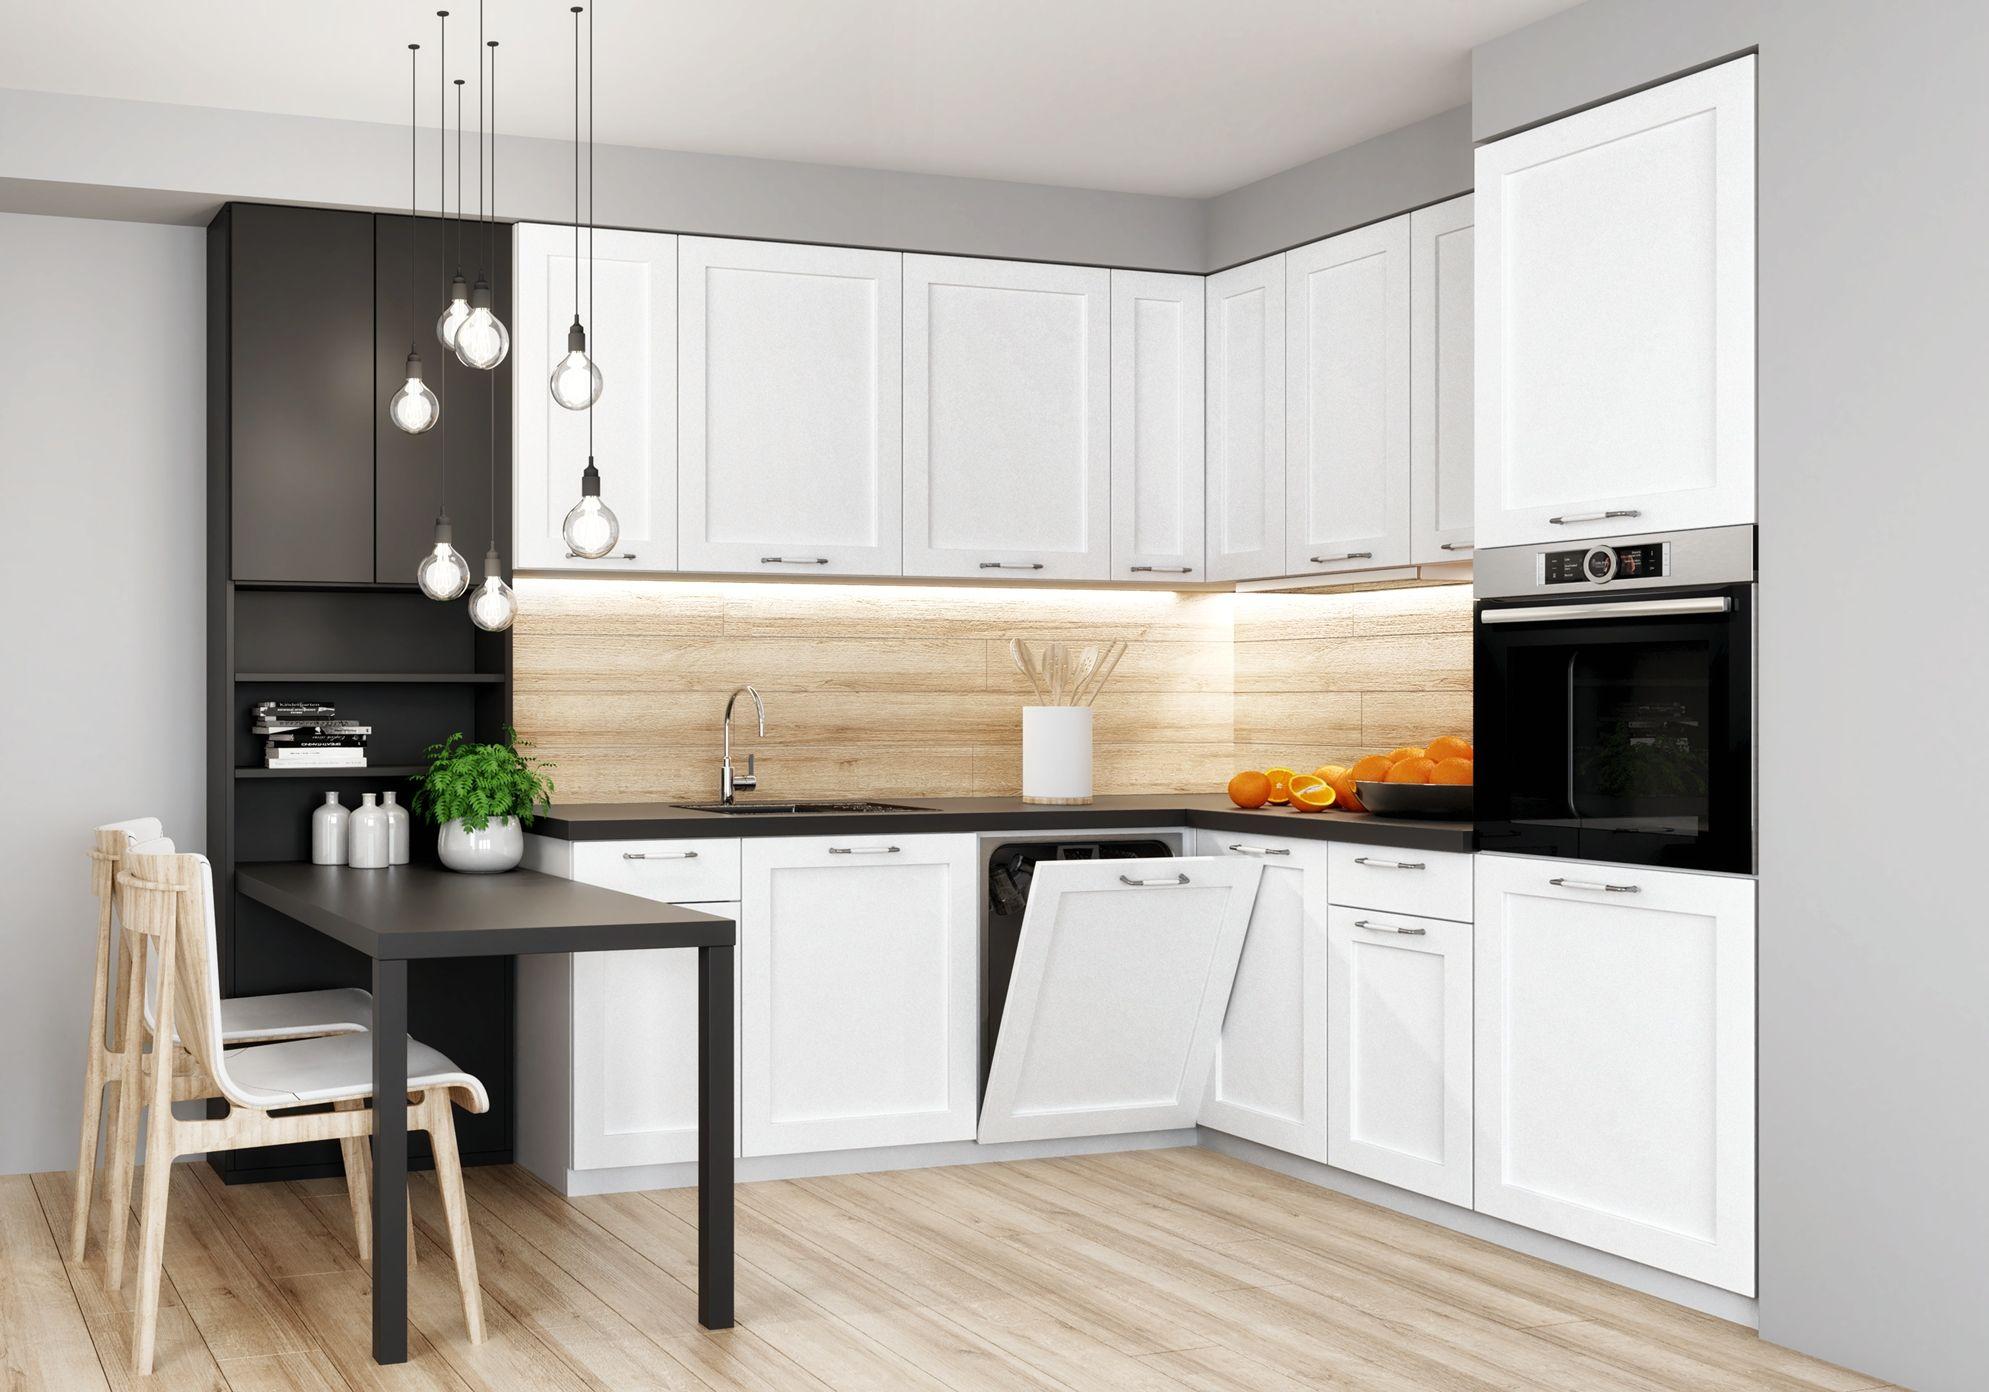 Meble Kuchenne Naroznik Aston 2x2 2m Classen 7799376778 Oficjalne Archiwum Allegro Kitchen Cabinets Home Home Decor